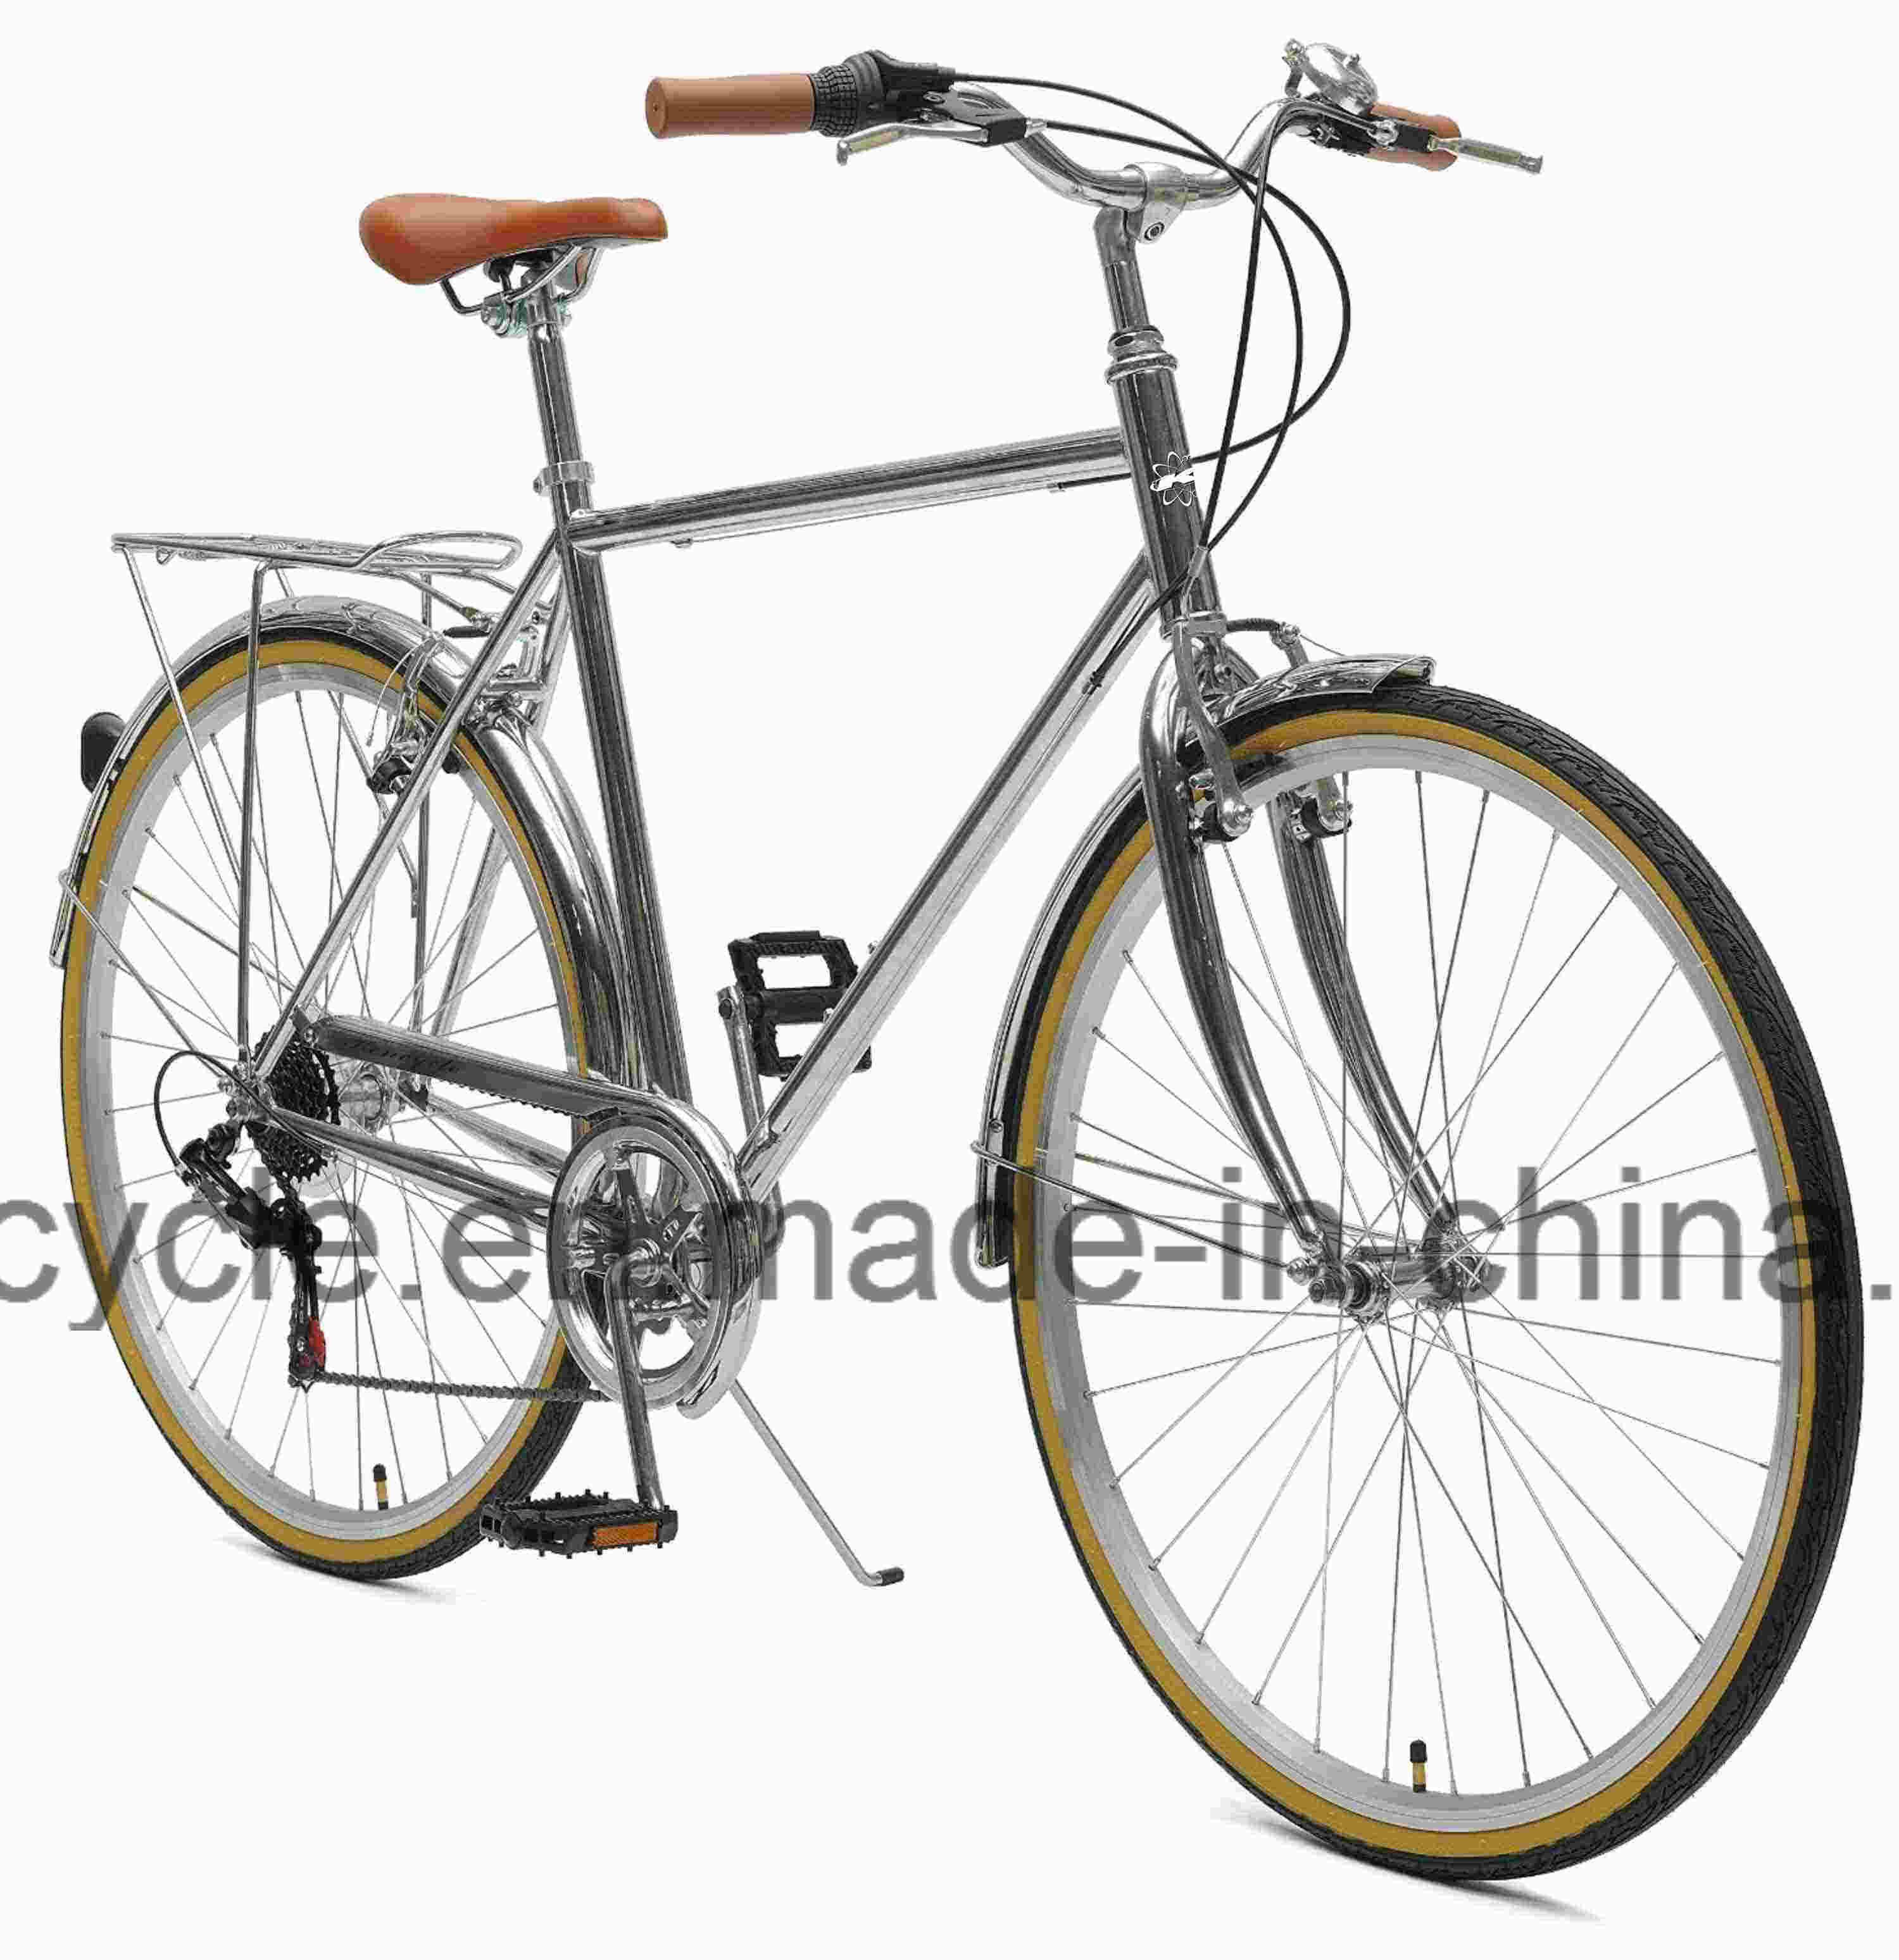 China 700c 7 Speed Index Vintage Lady Bike Europe Retro Lady Bicycle ...